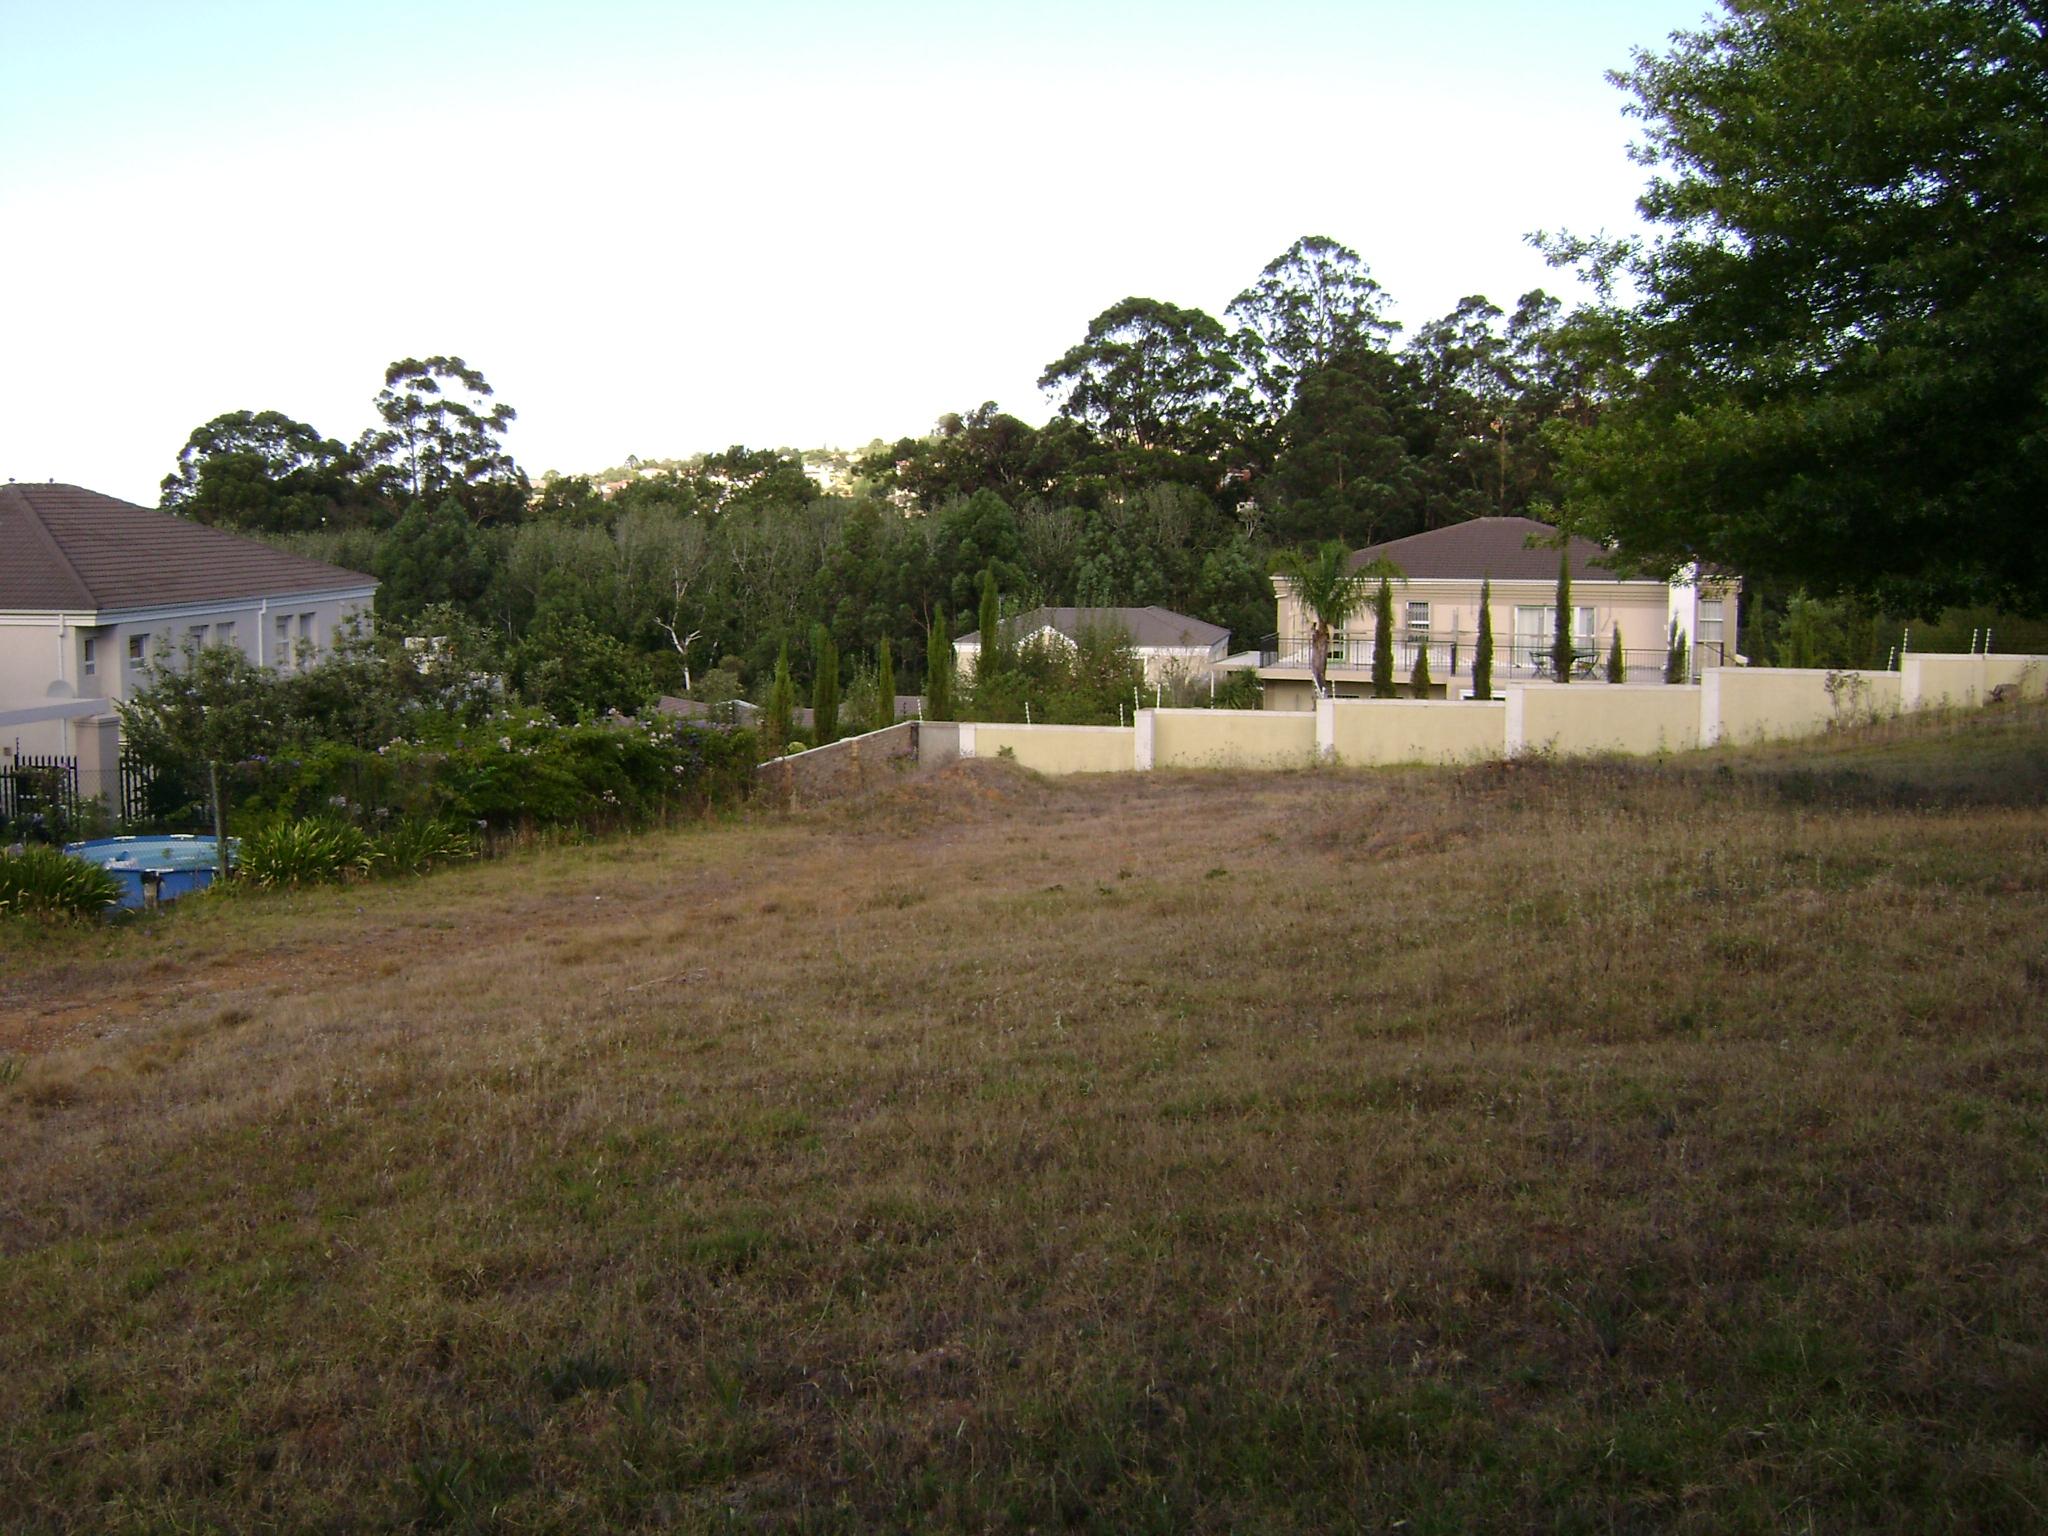 Vente terrain agricole cape town western cape afrique for Container sur terrain agricole